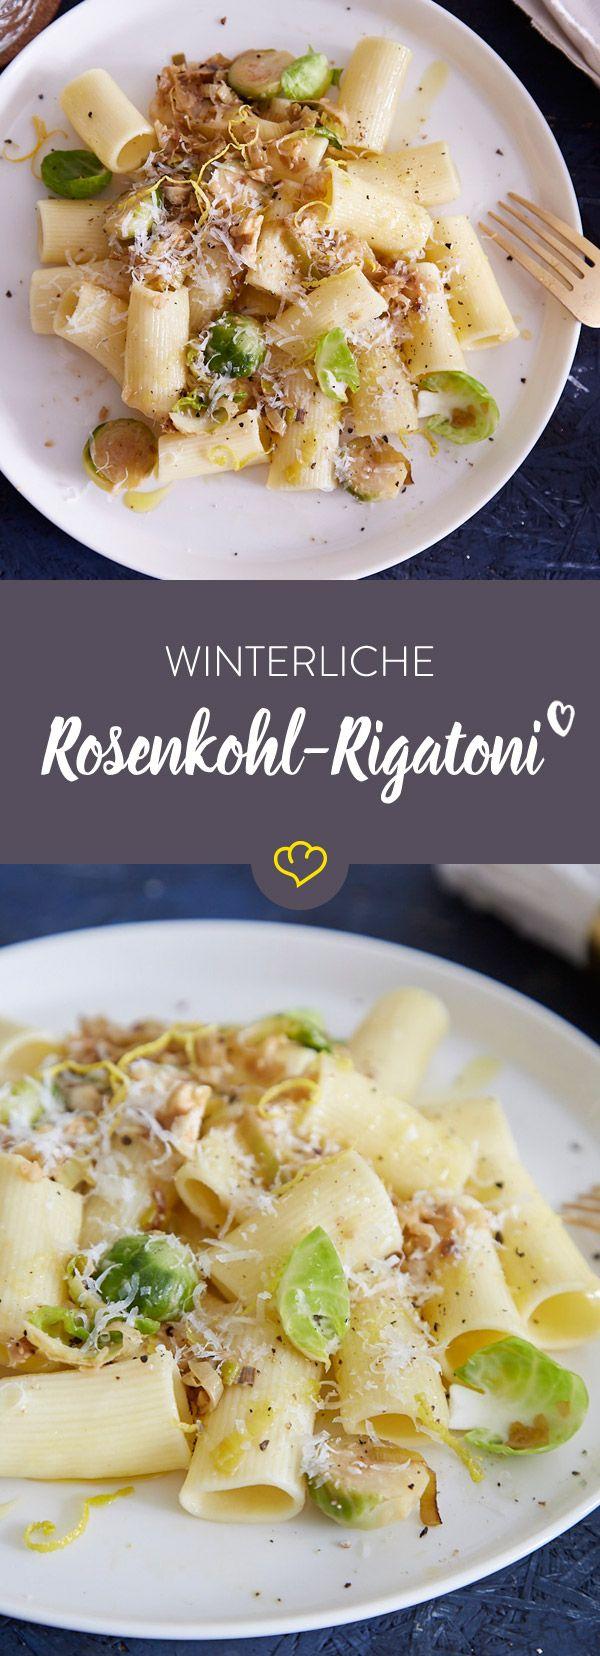 Gönn dir einen gemütlichen Abend mit wärmender Decke auf der Couch und dazu einen großen Teller leckerer Rigatoni mit Rosenkohl.